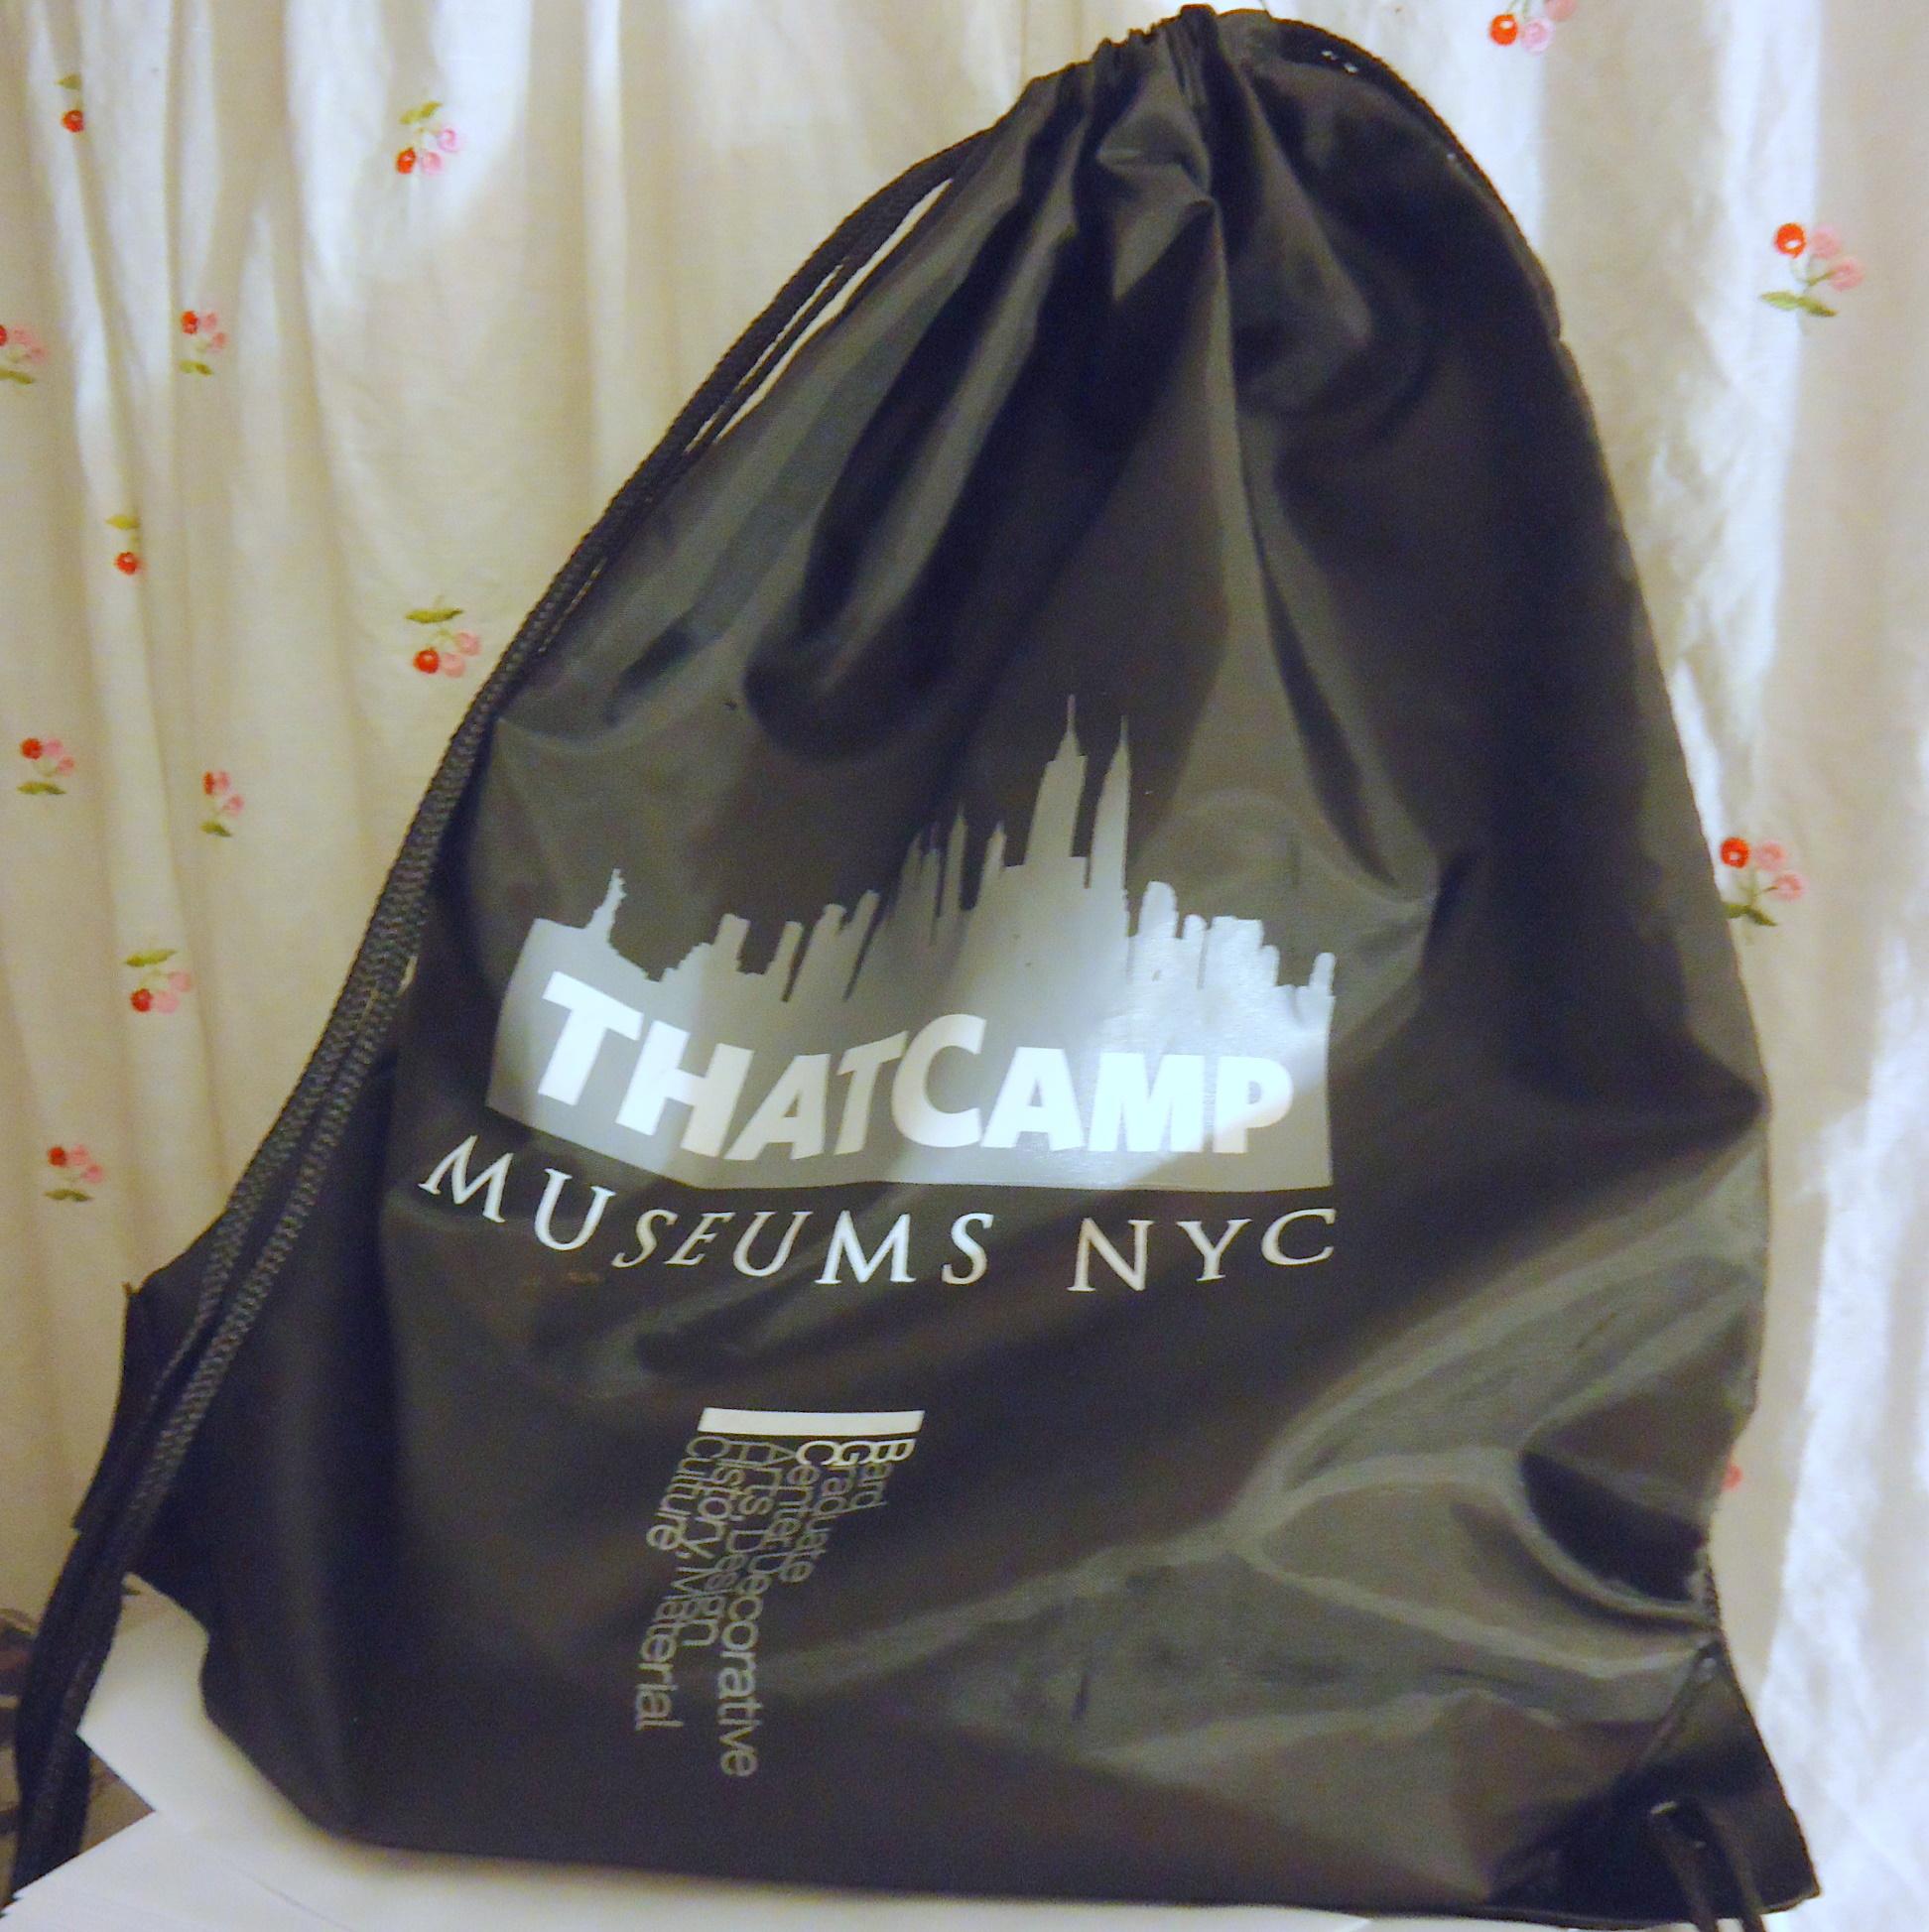 THATCamp Museums NYC souvenir bag